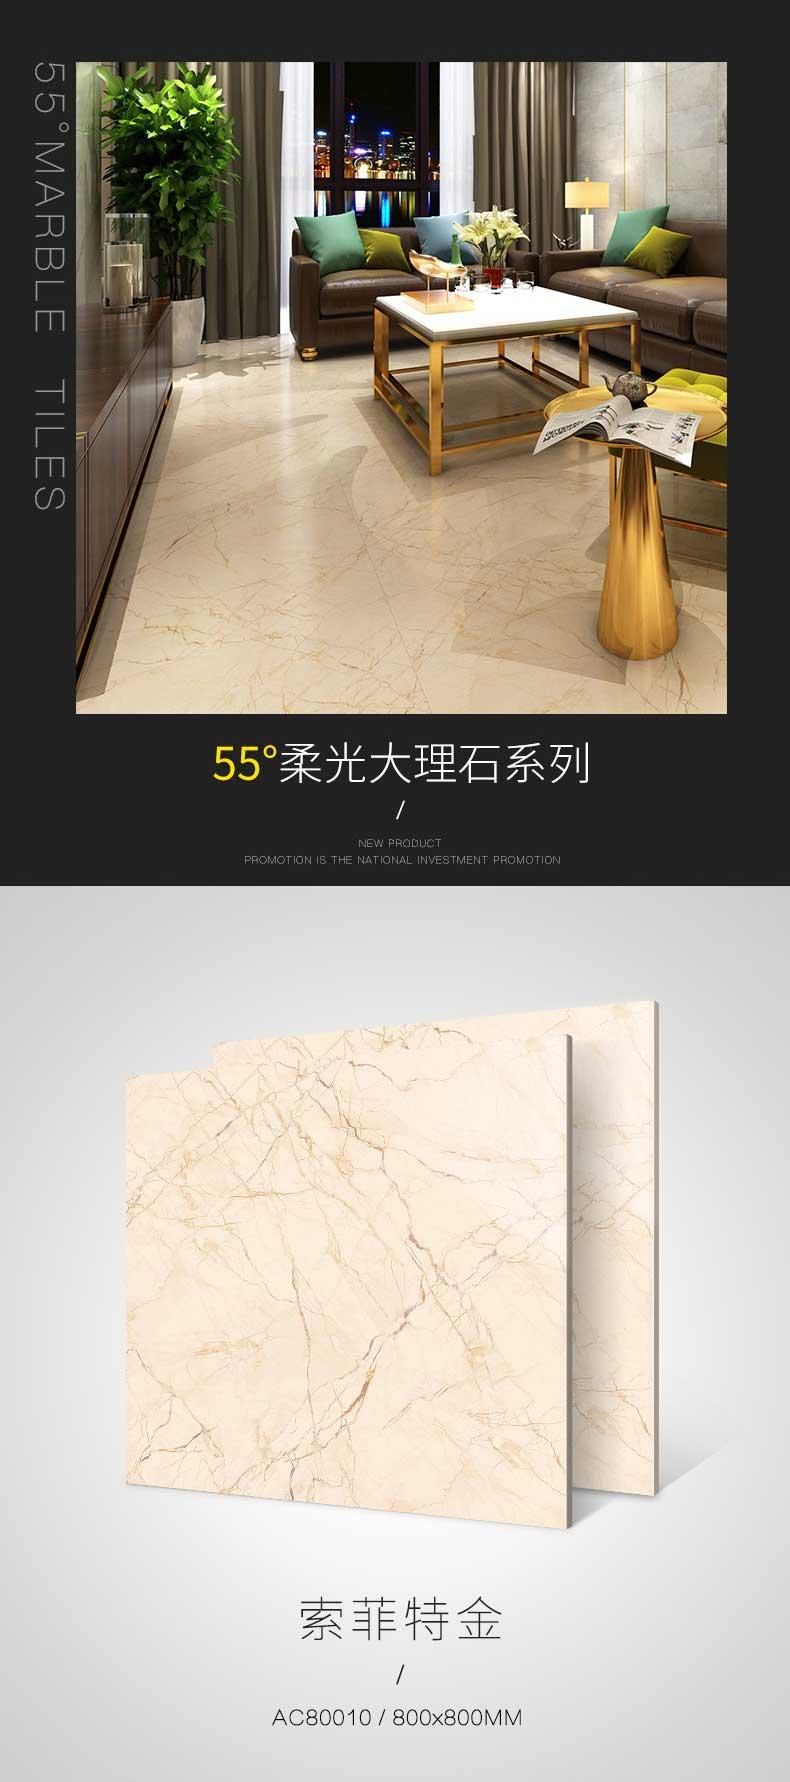 亚细亚瓷砖-55柔光大理石地砖-索菲特_01.jpg